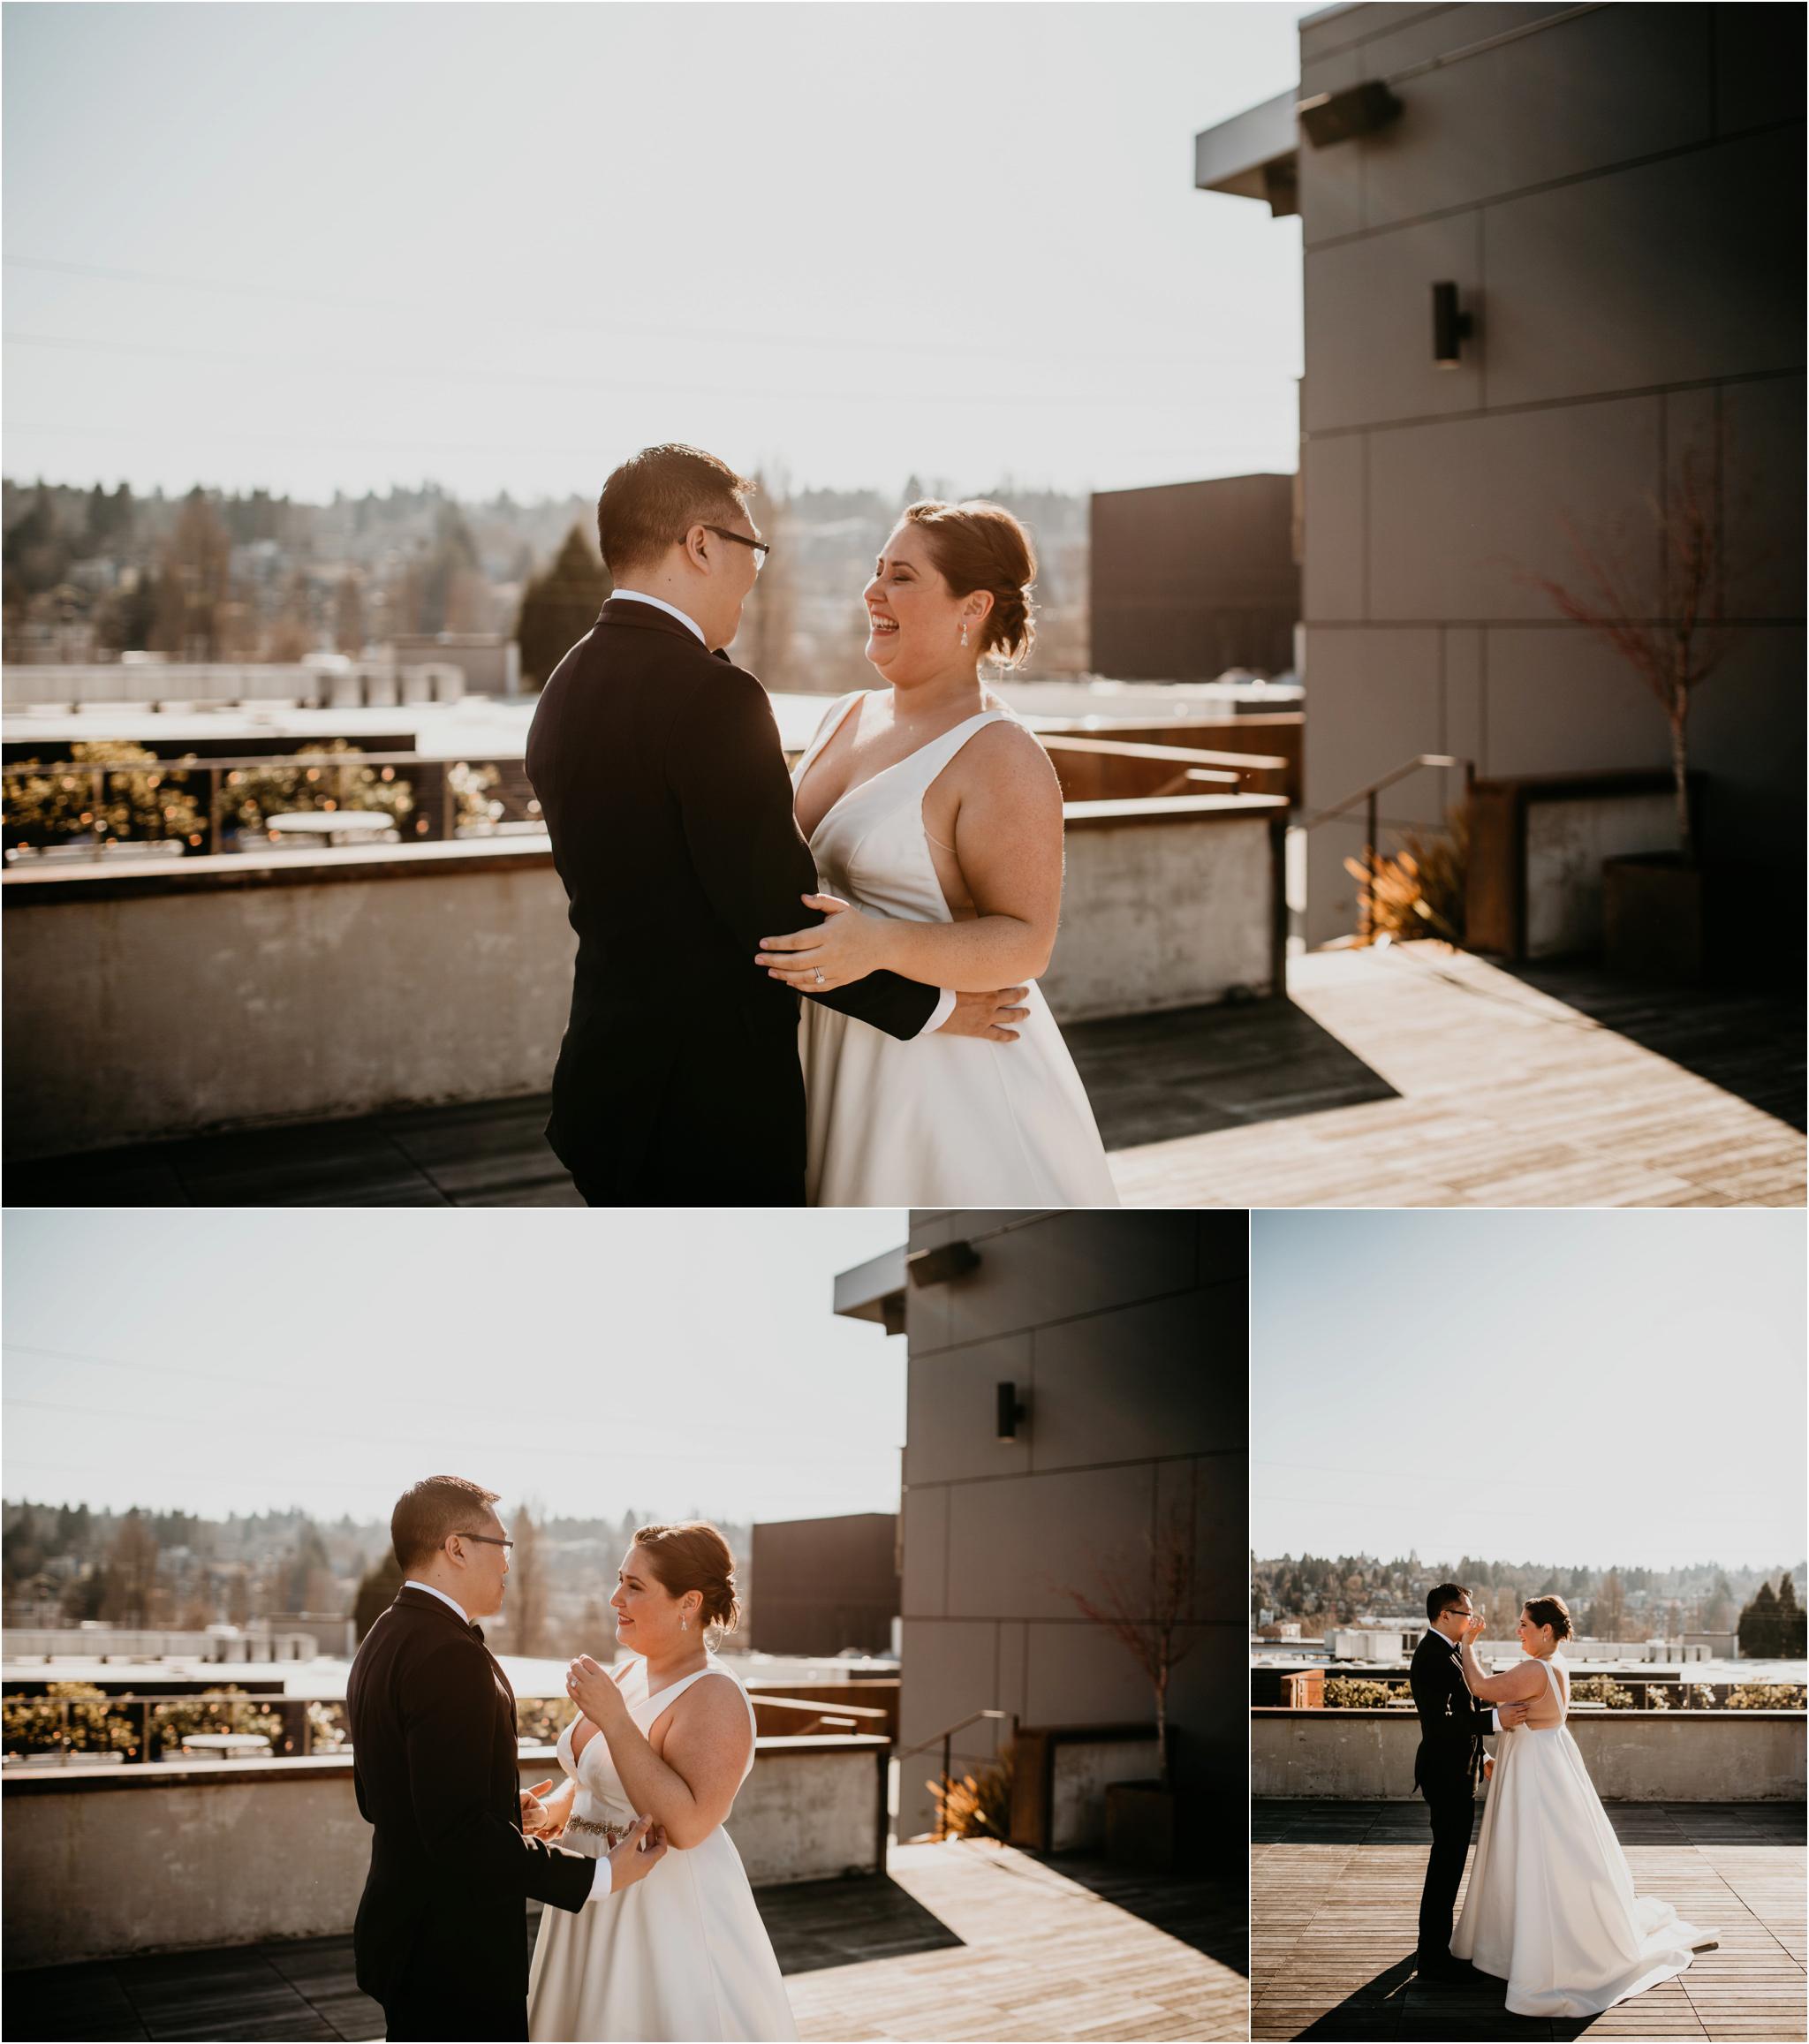 ashley-and-david-fremont-foundry-seattle-washington-wedding-photographer-032.jpg